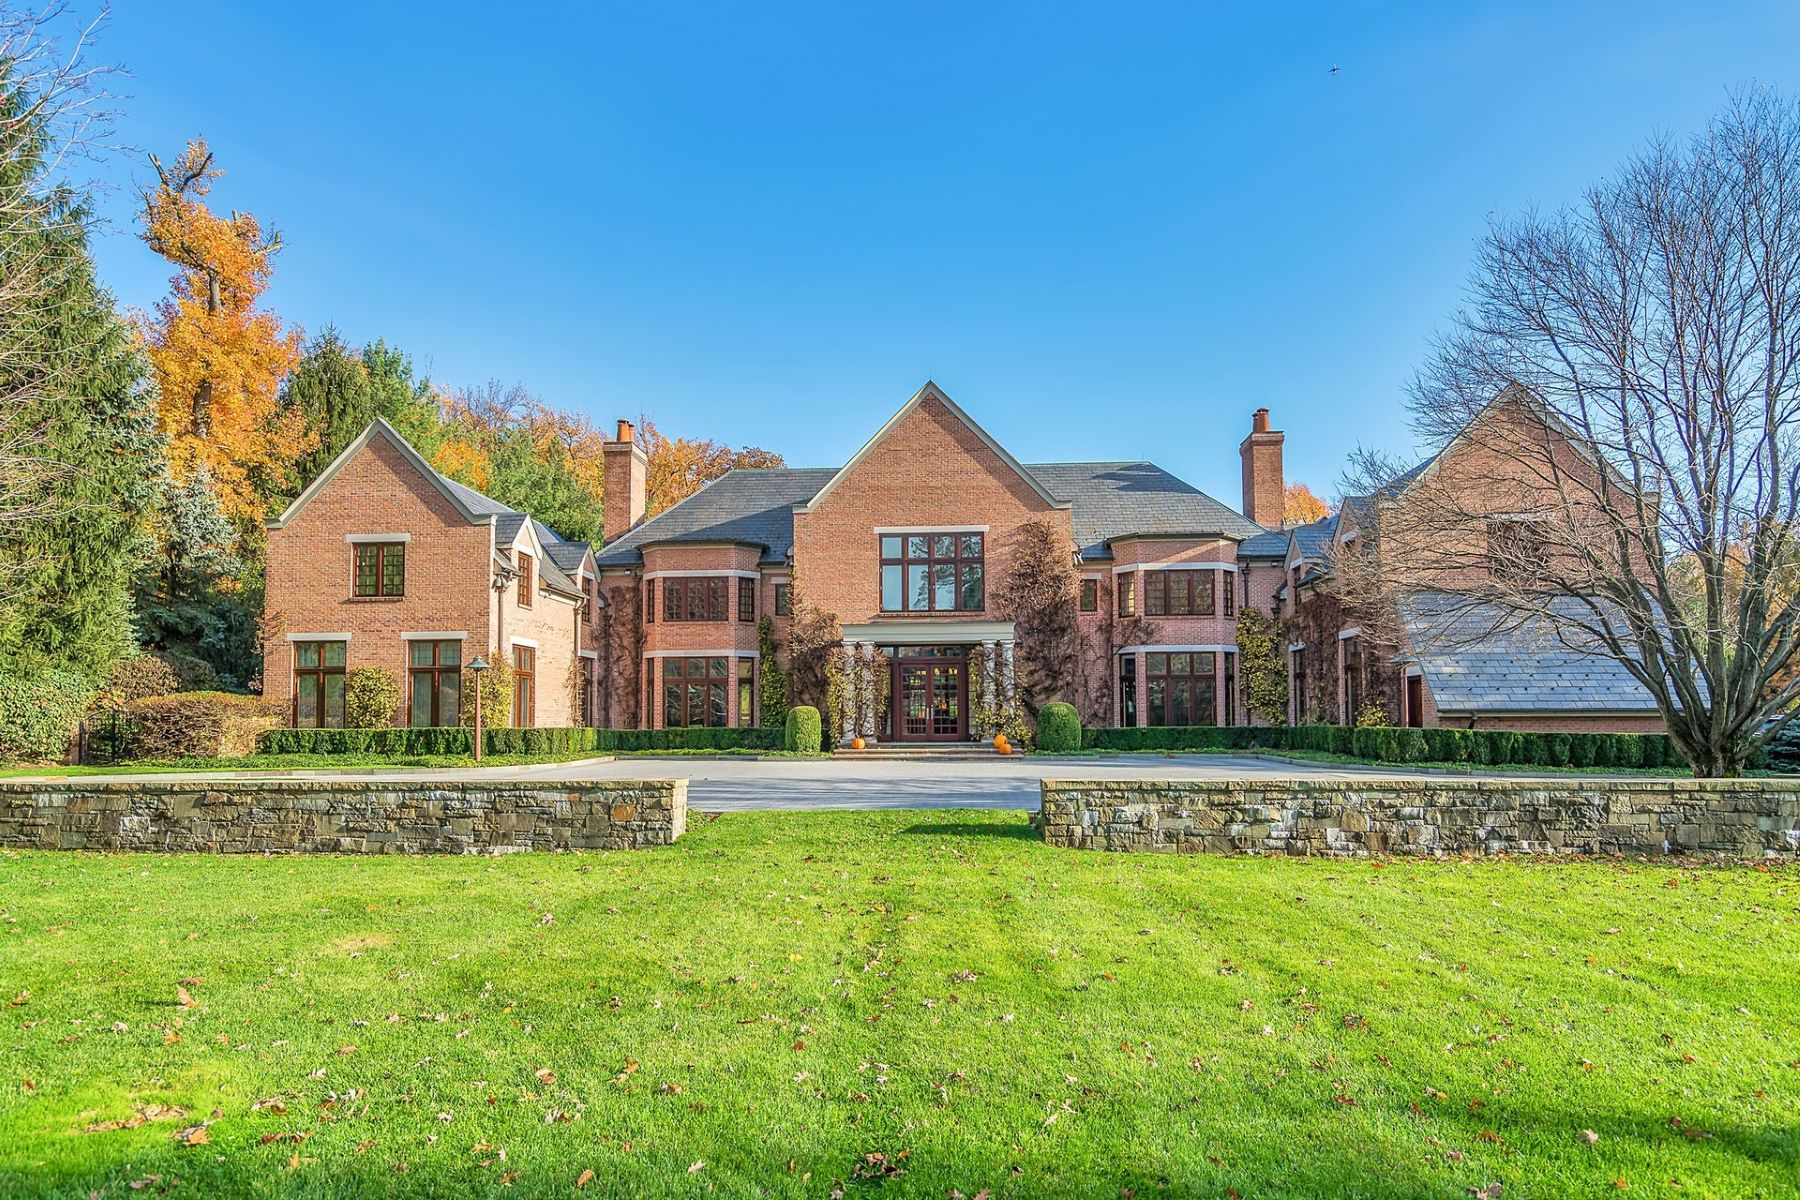 Maison unifamiliale pour l Vente à Epitome of Elegance 155 Lincoln Street, Englewood, New Jersey 07631 États-Unis